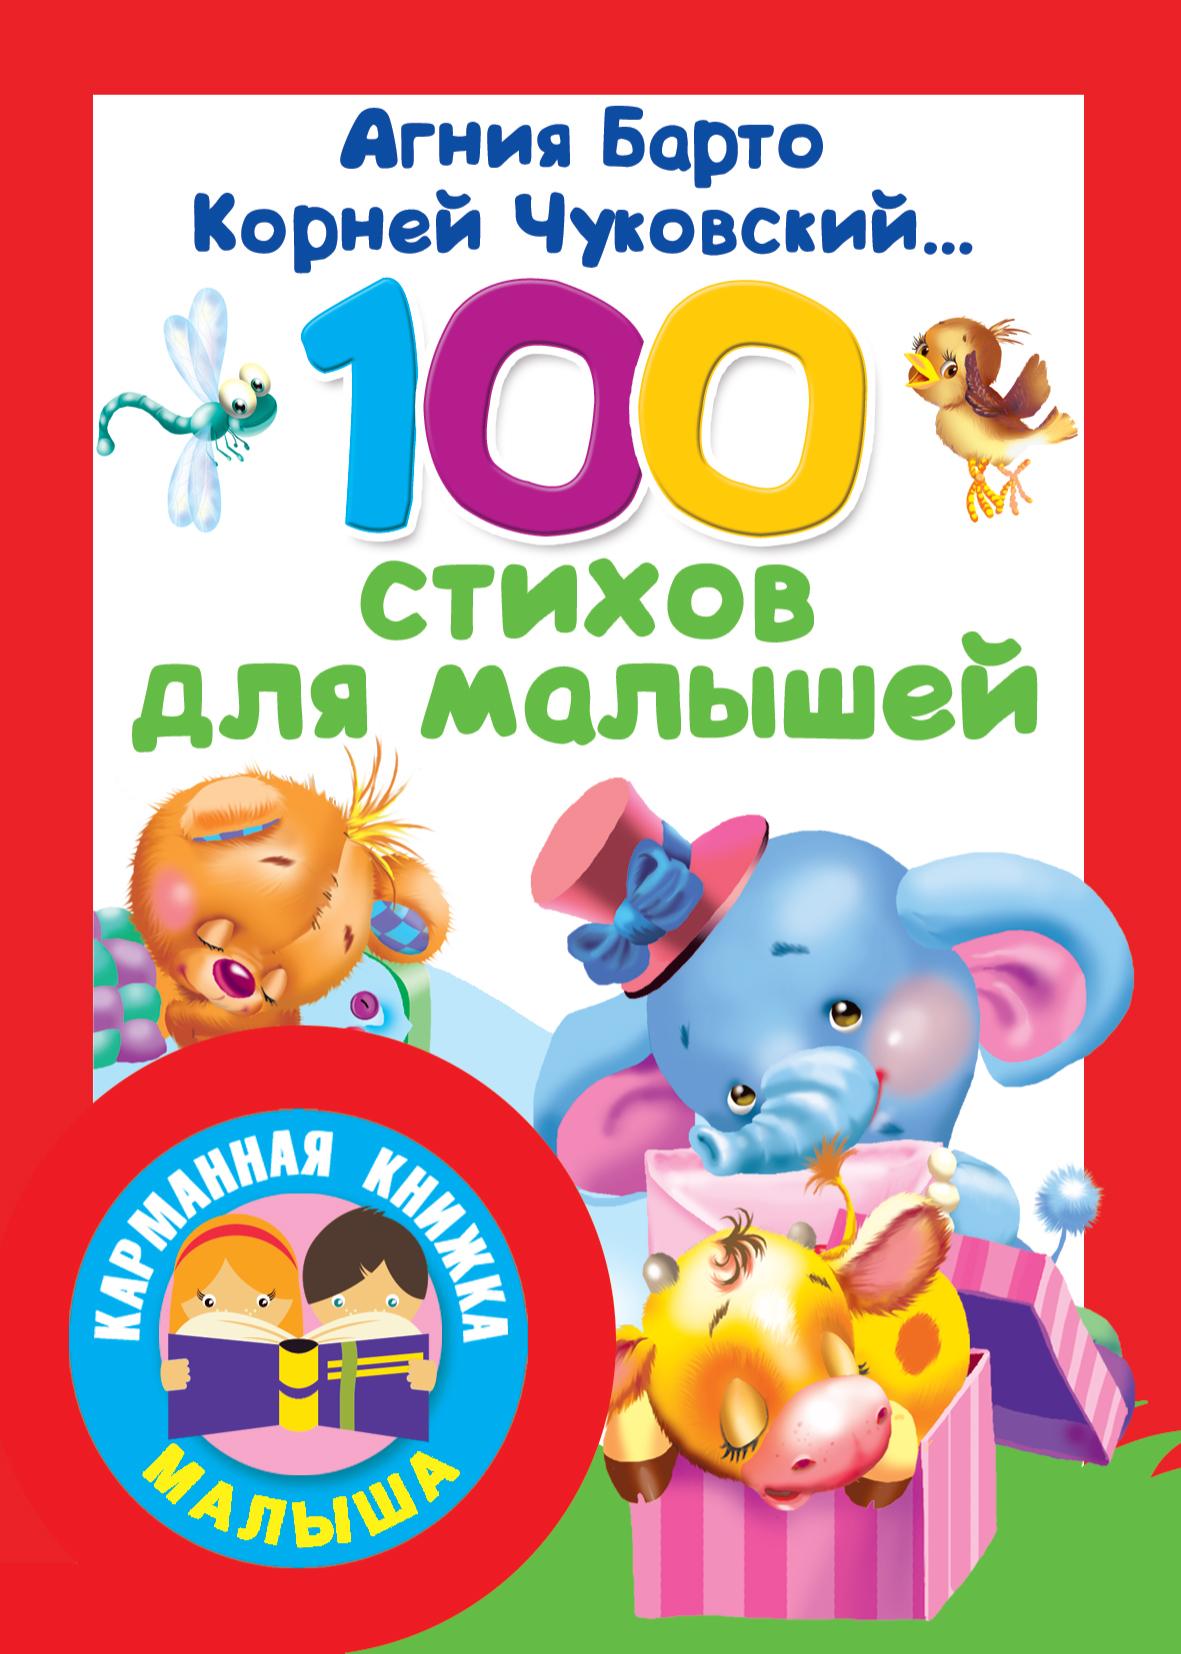 Барто А.Л., Чуковский К.И. 100 стихов для малышей барто а маршак с михалков с и др 100 любимых стихов и 100 любимых сказок для малышей